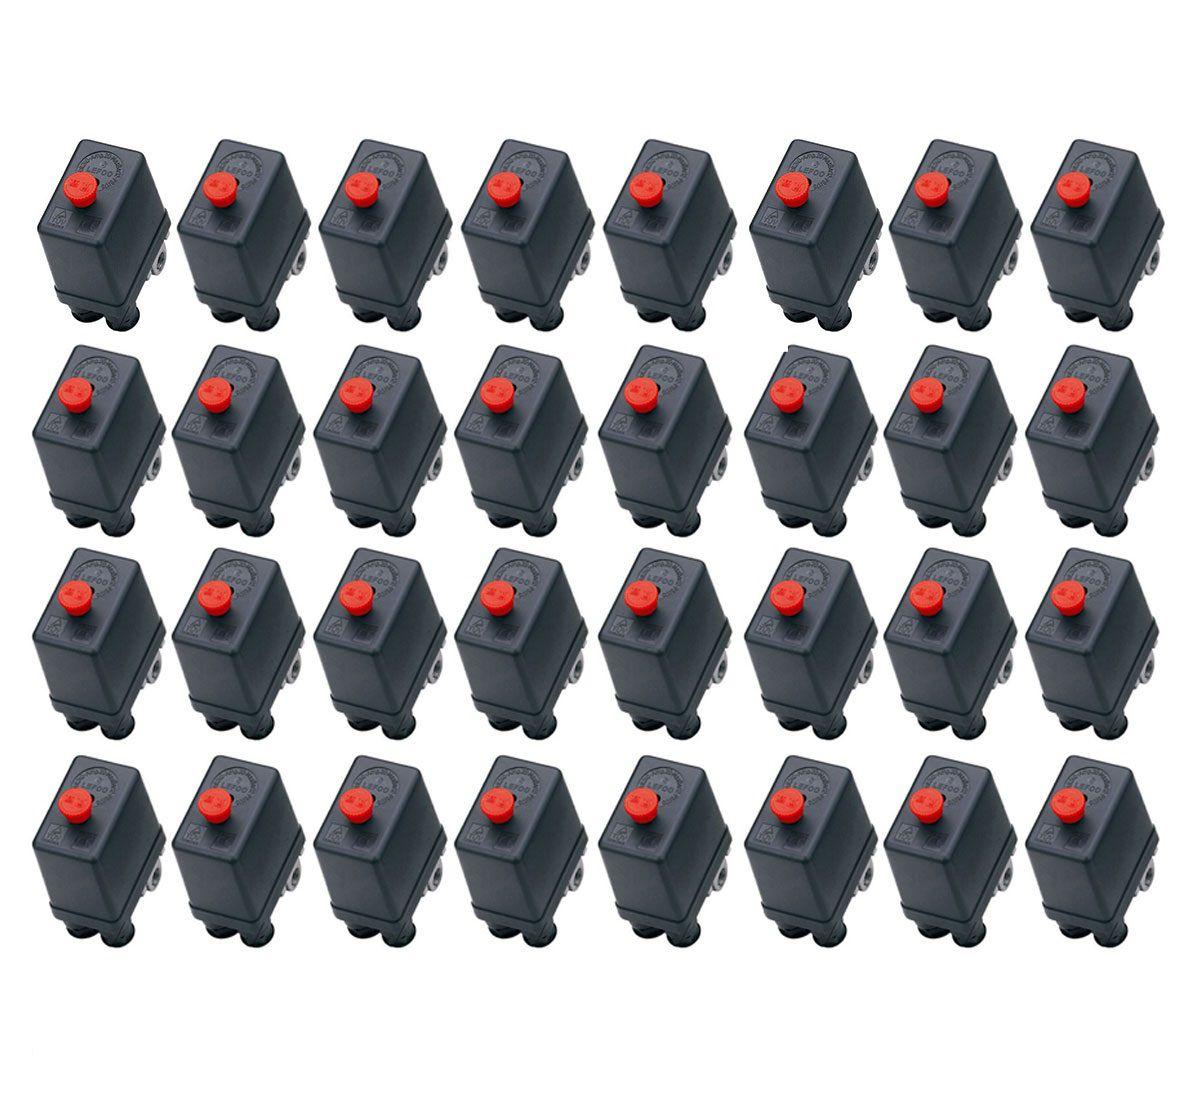 Kit 32 Pressostato Compressor Automático Botão 80-120 4 Vias